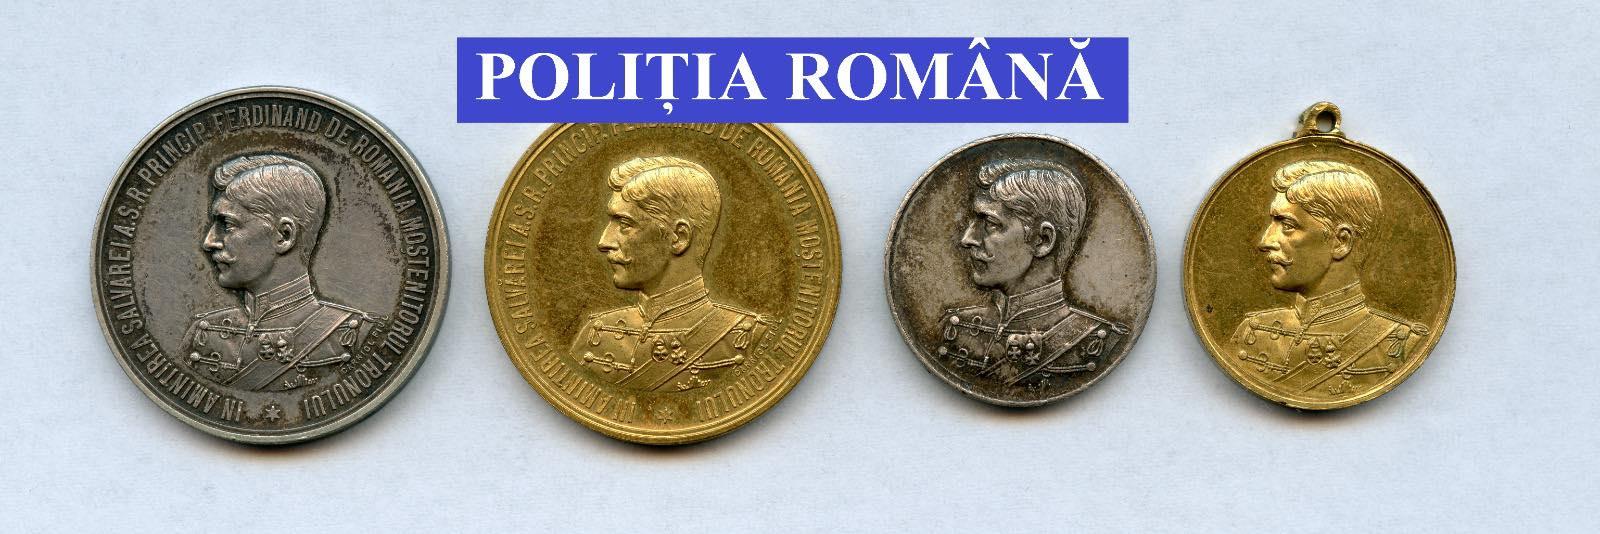 pandora v monede politia romana